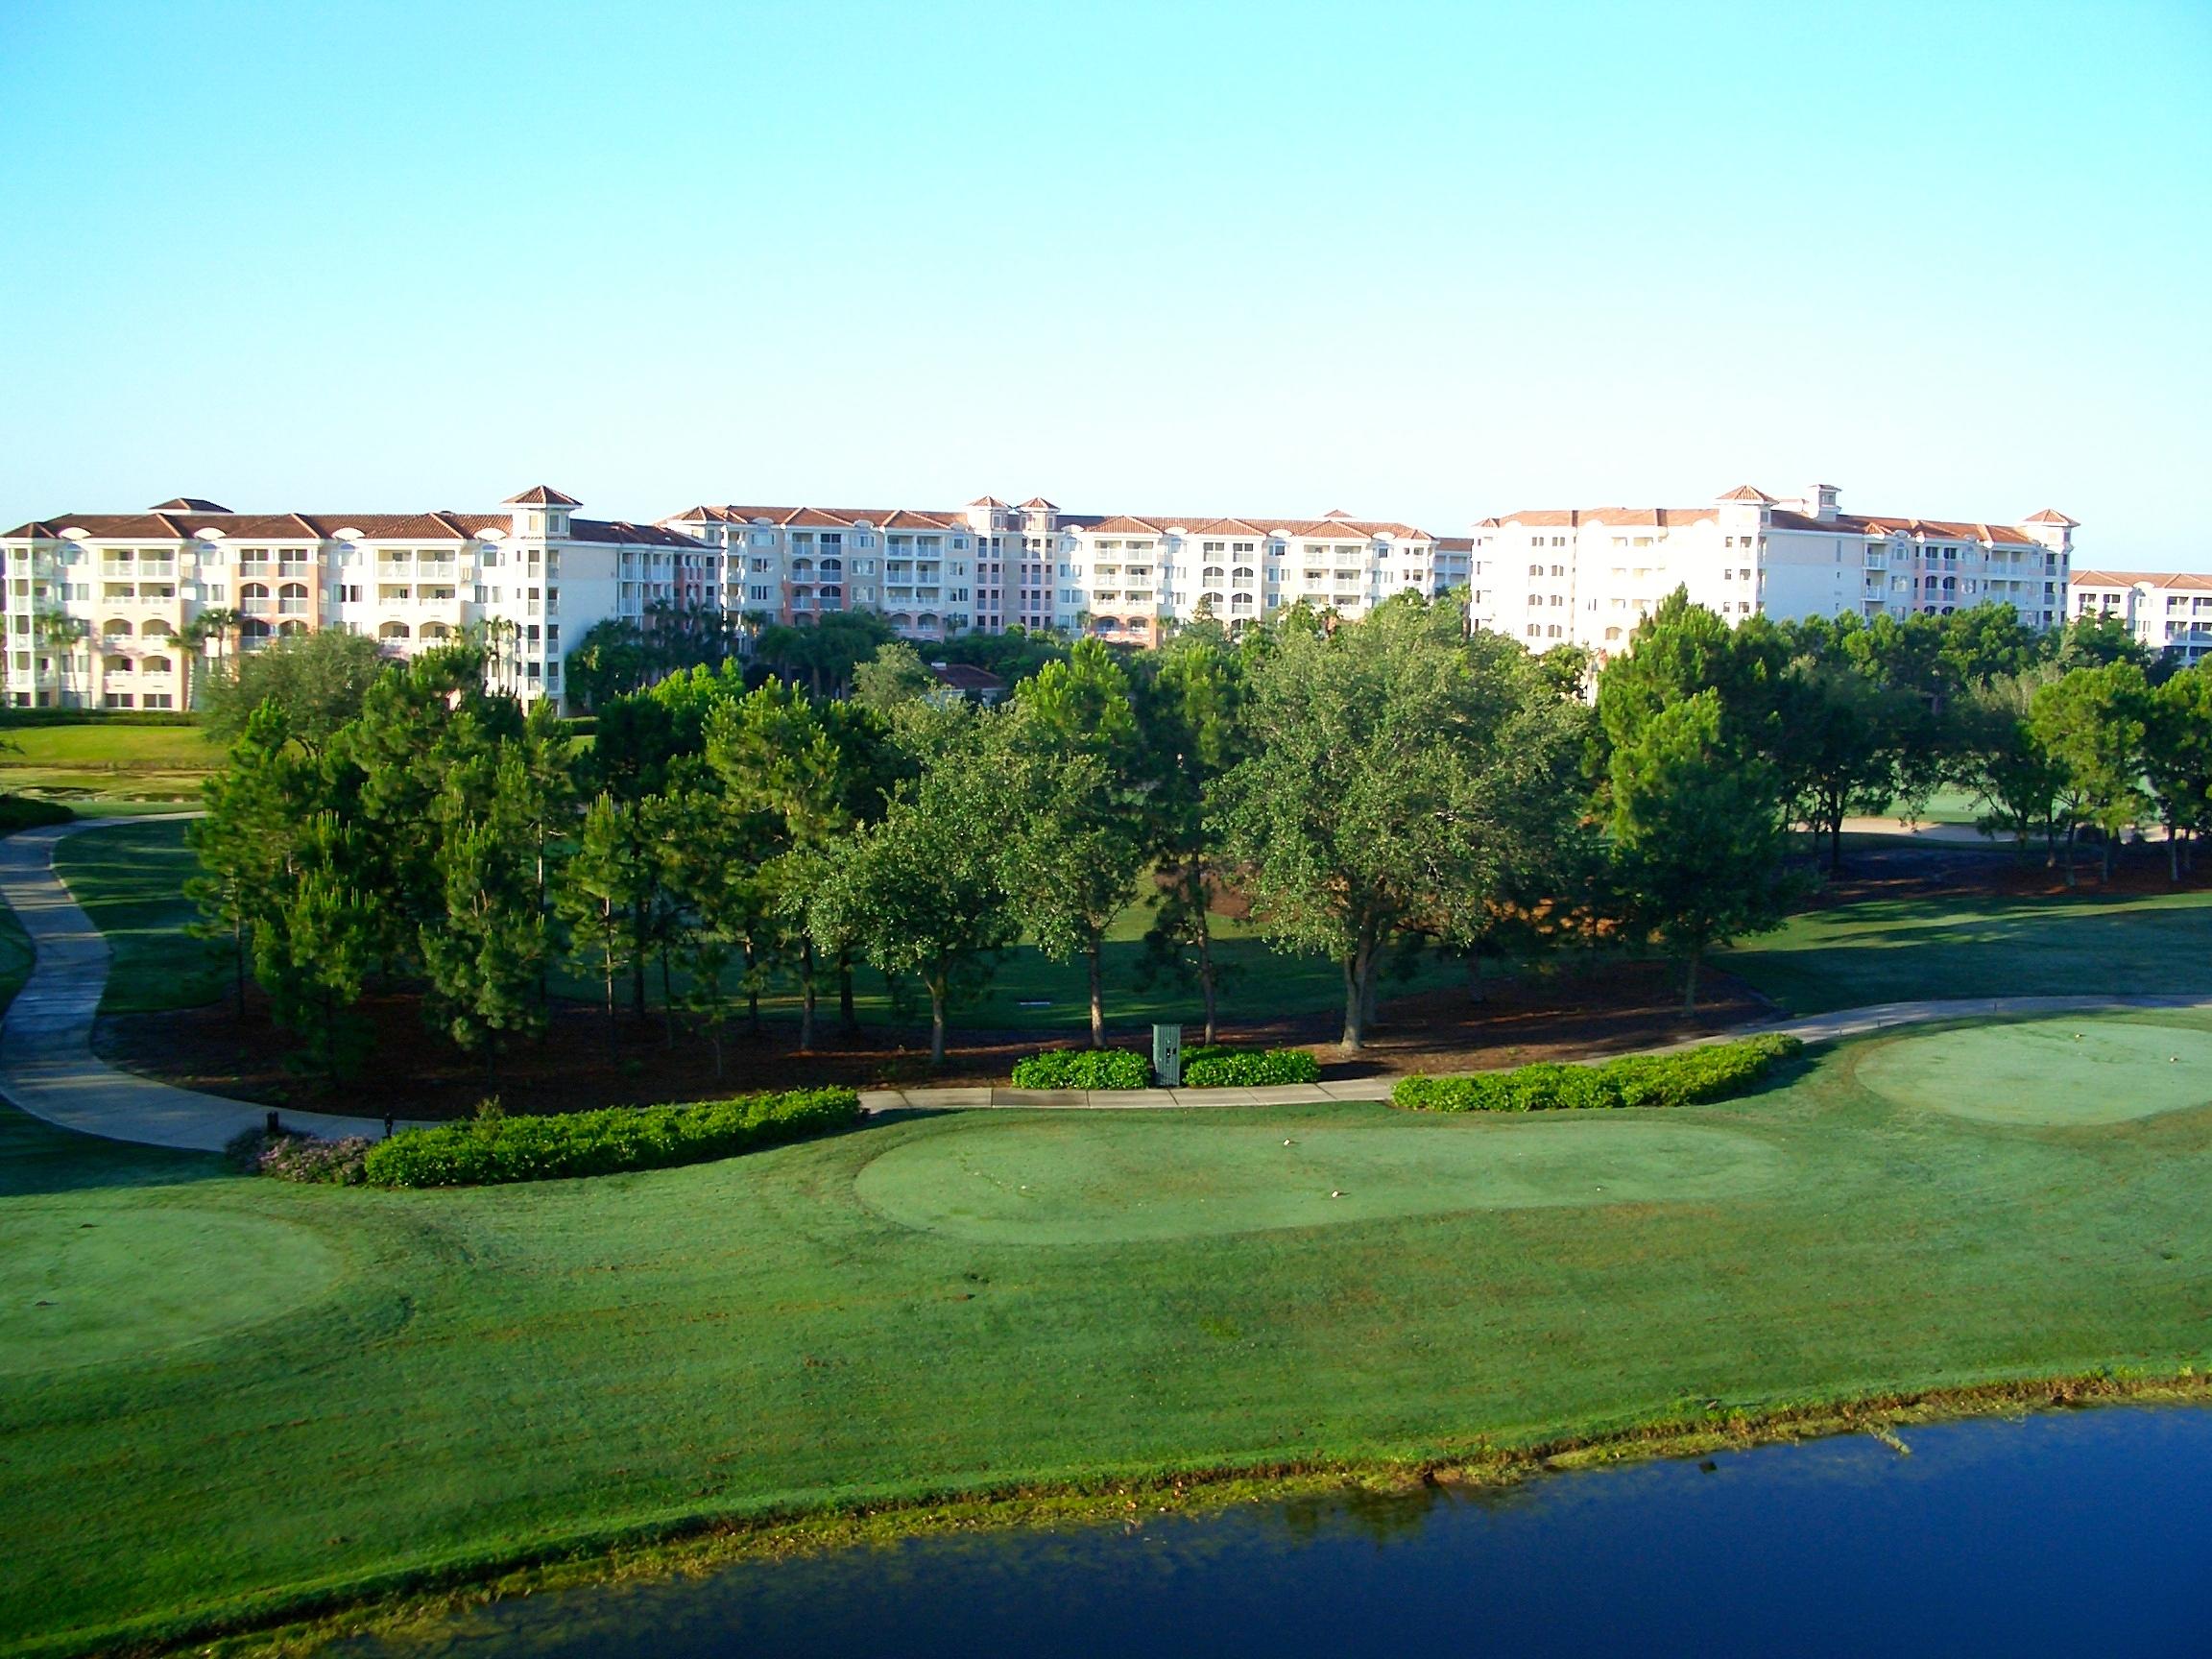 Marriott Grande Vista Orlando Florida - Review and Photo Tour ...